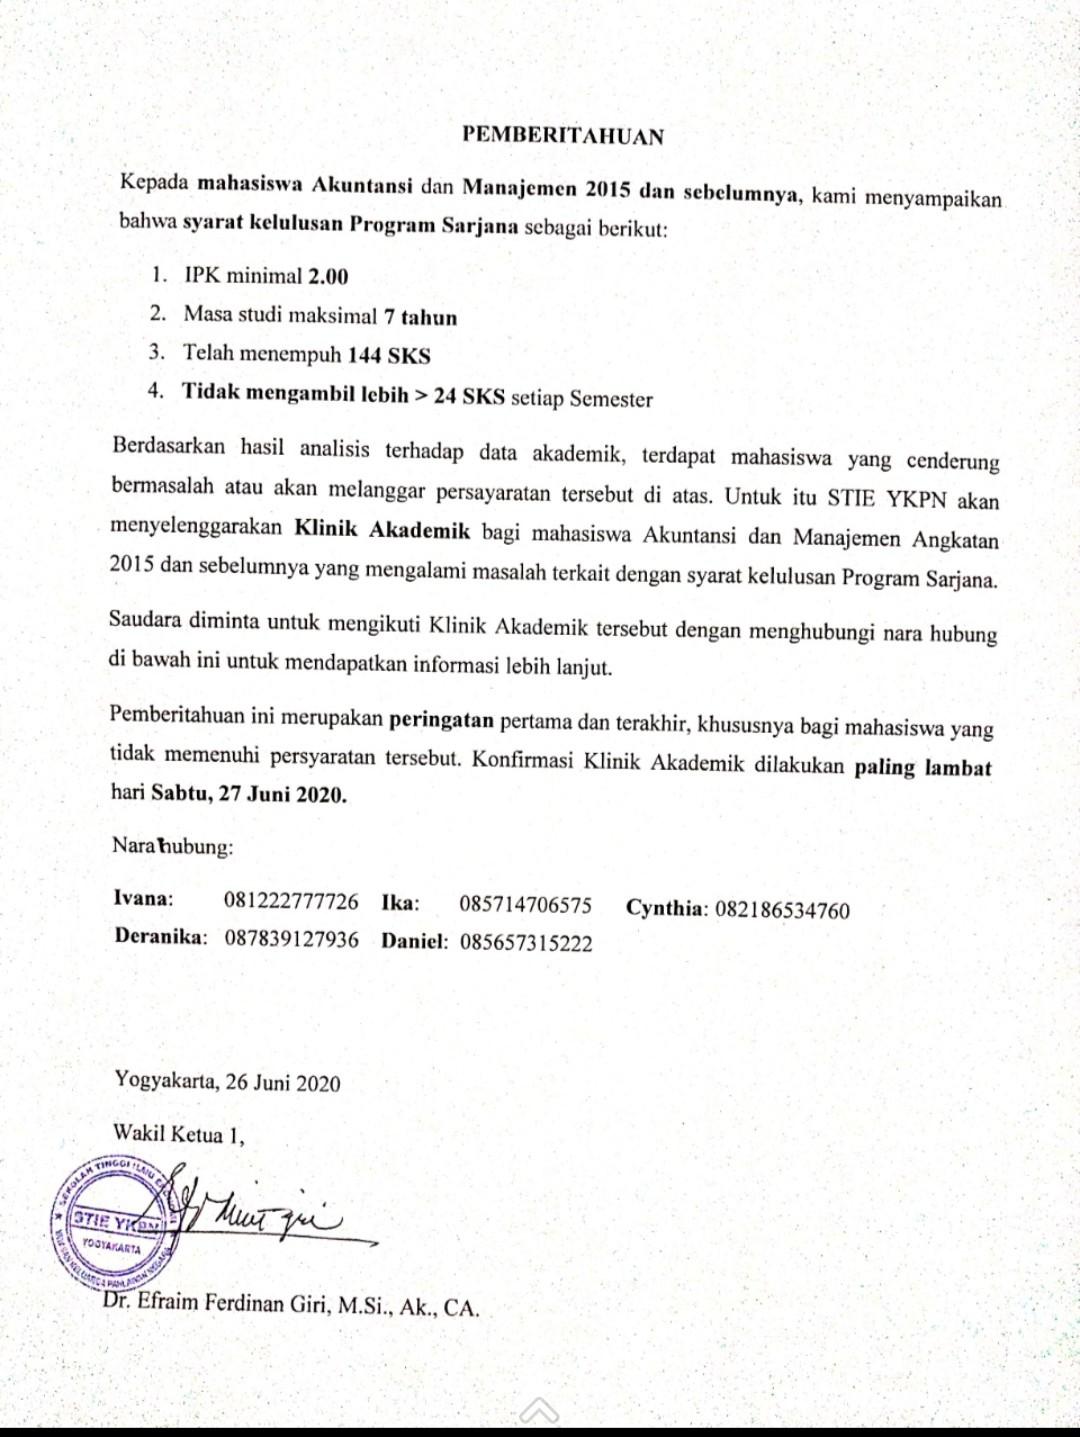 Klinik Akademik Mahasiswa Akuntansi dan Manajemen Angkatan 2015 dan Sebelumnya yang Mengalami Masalah terkait dengan Syarat Kelulusan Program Sarjana